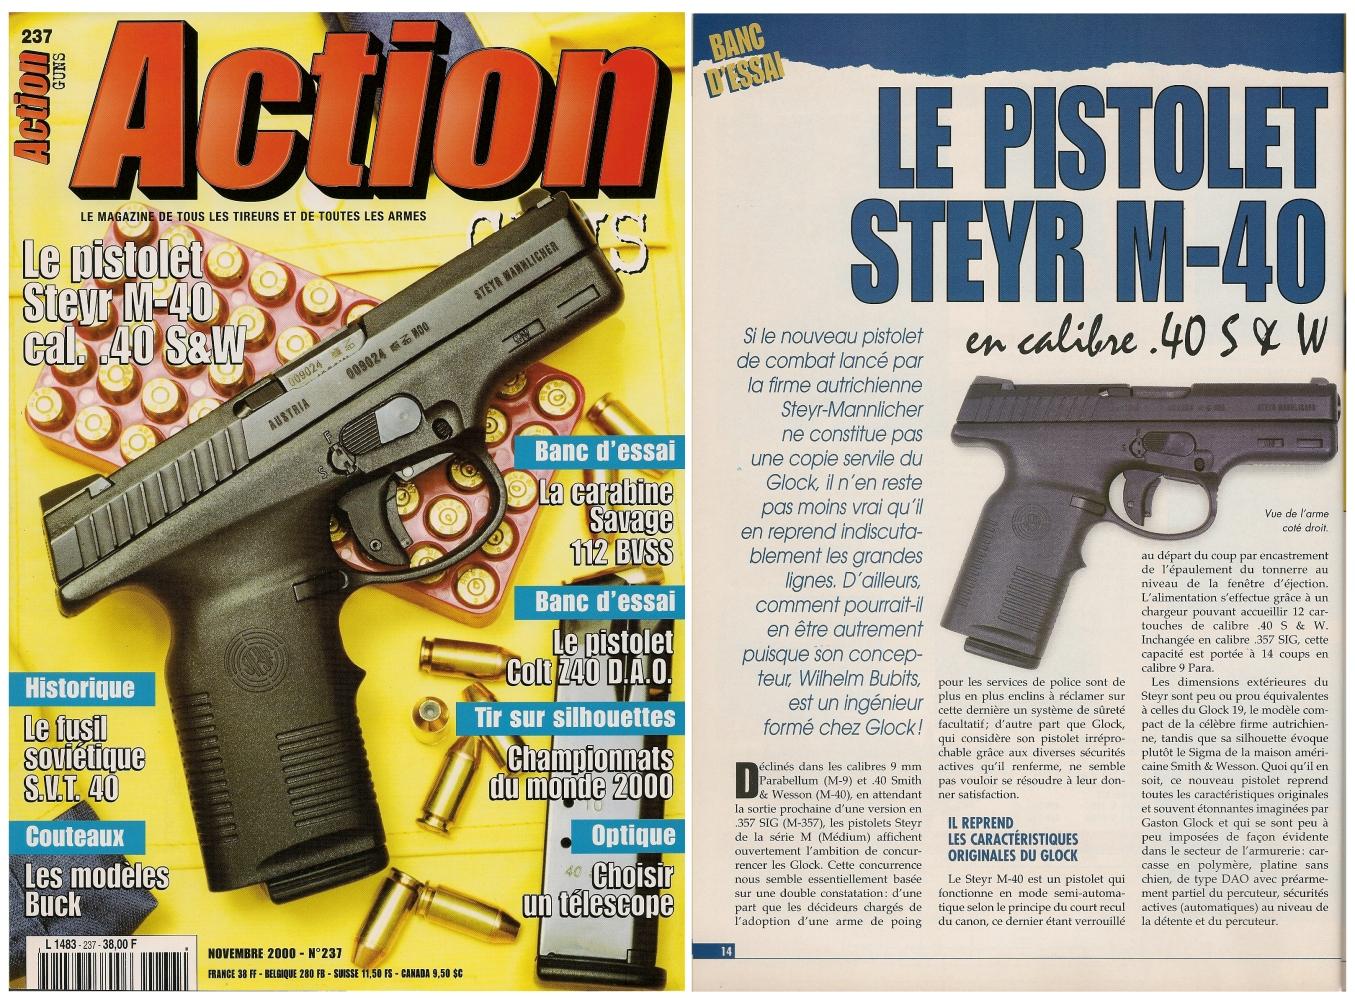 Le banc dessai du Steyr M40 a été publié sur 7 pages dans le magazine Action Guns n°237 (novembre 2000)